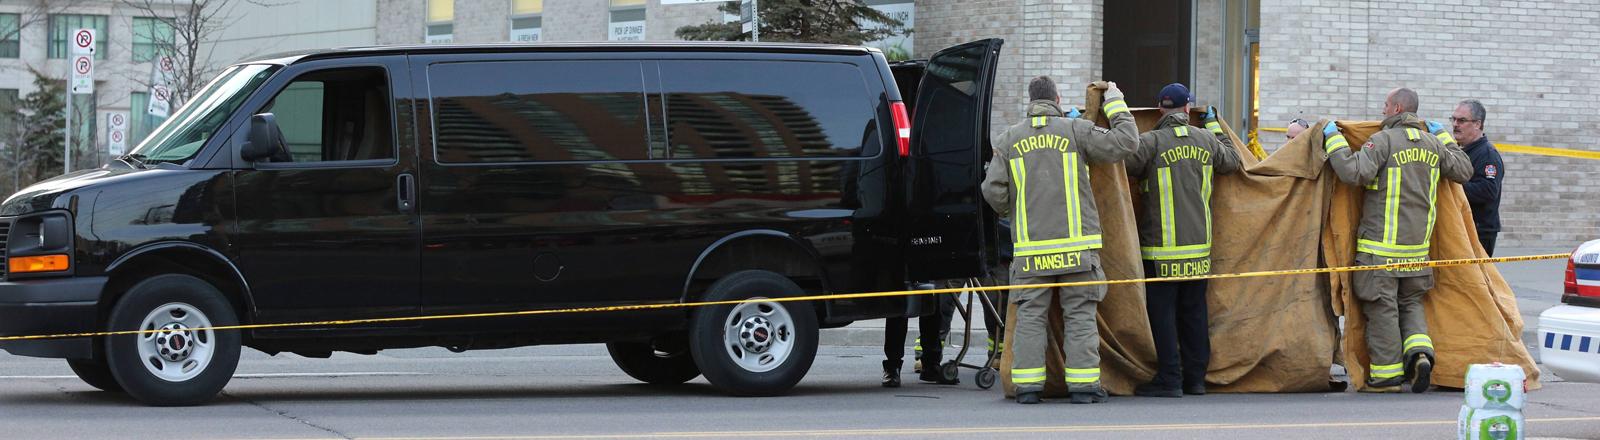 Van und Sanitärer nach dem Anschlag in Toronto